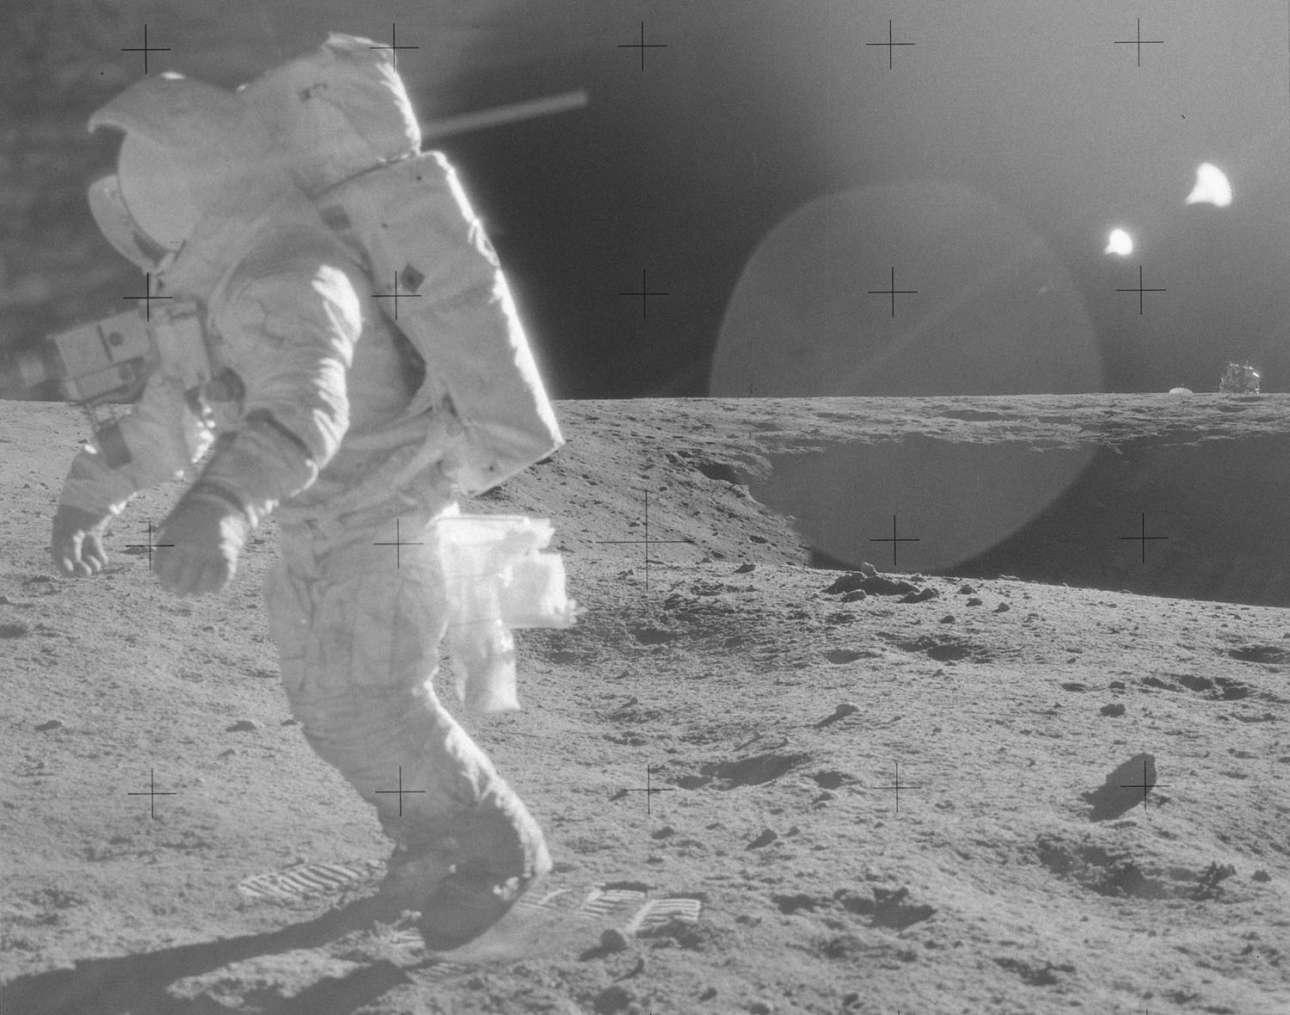 Ο αστροναύτης απομακρύνεται από τον κρατήρα, στο πλαίσιο της δεύτερης Σεληνιακής Εξωοχηματικής Δραστηριότητας